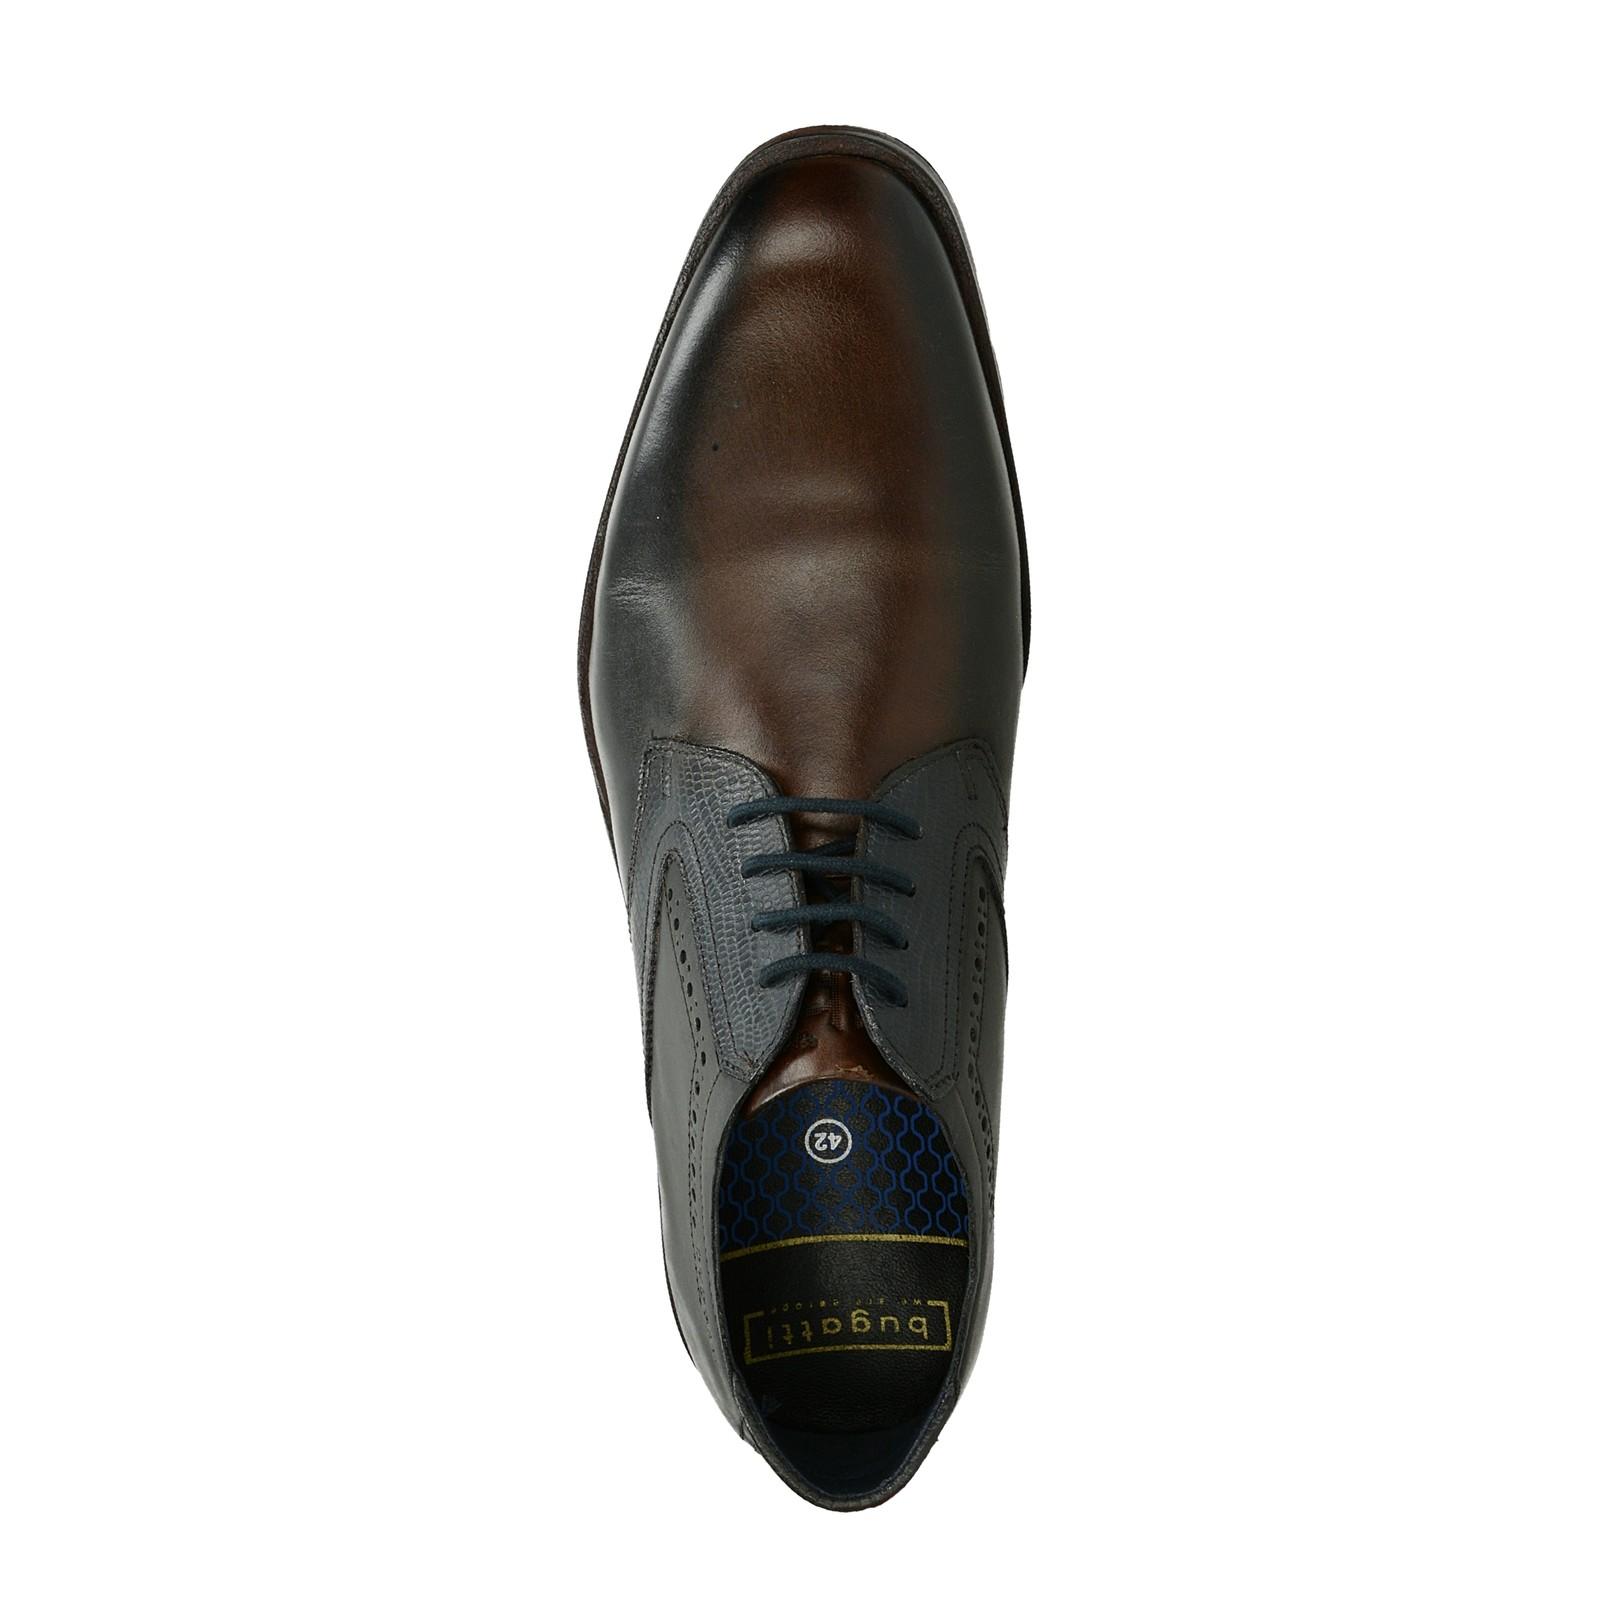 44b16cfa9b38 Bugatti pánske kožené spoločenské topánky - tmavohnedé ...